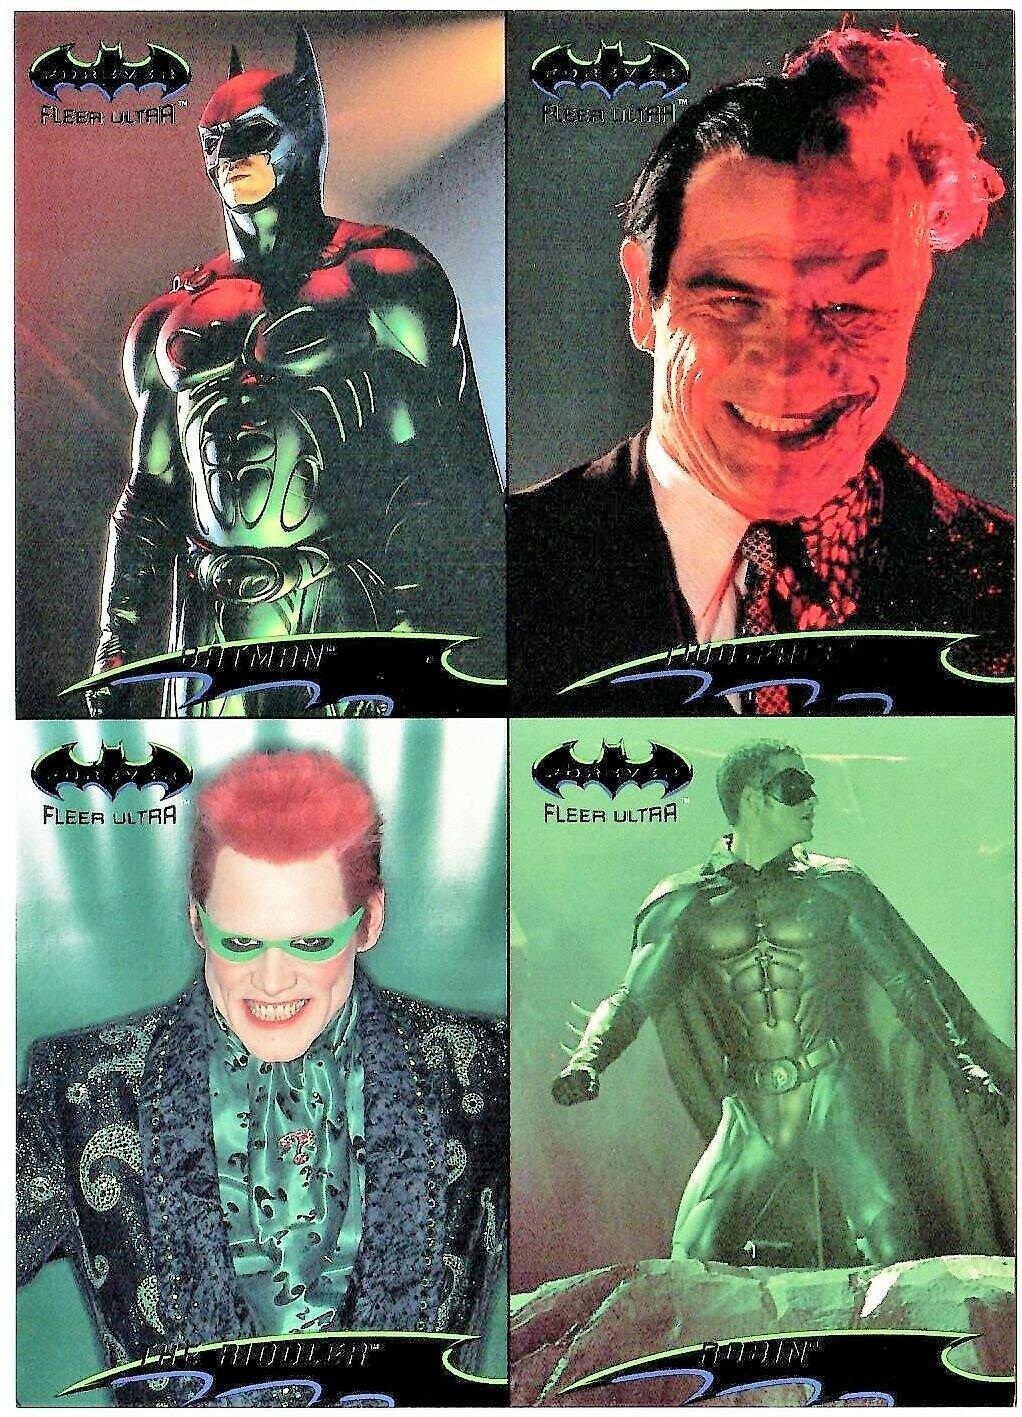 Fleer Ultra BATMAN FOREVER Promo Trading Cards © 1995